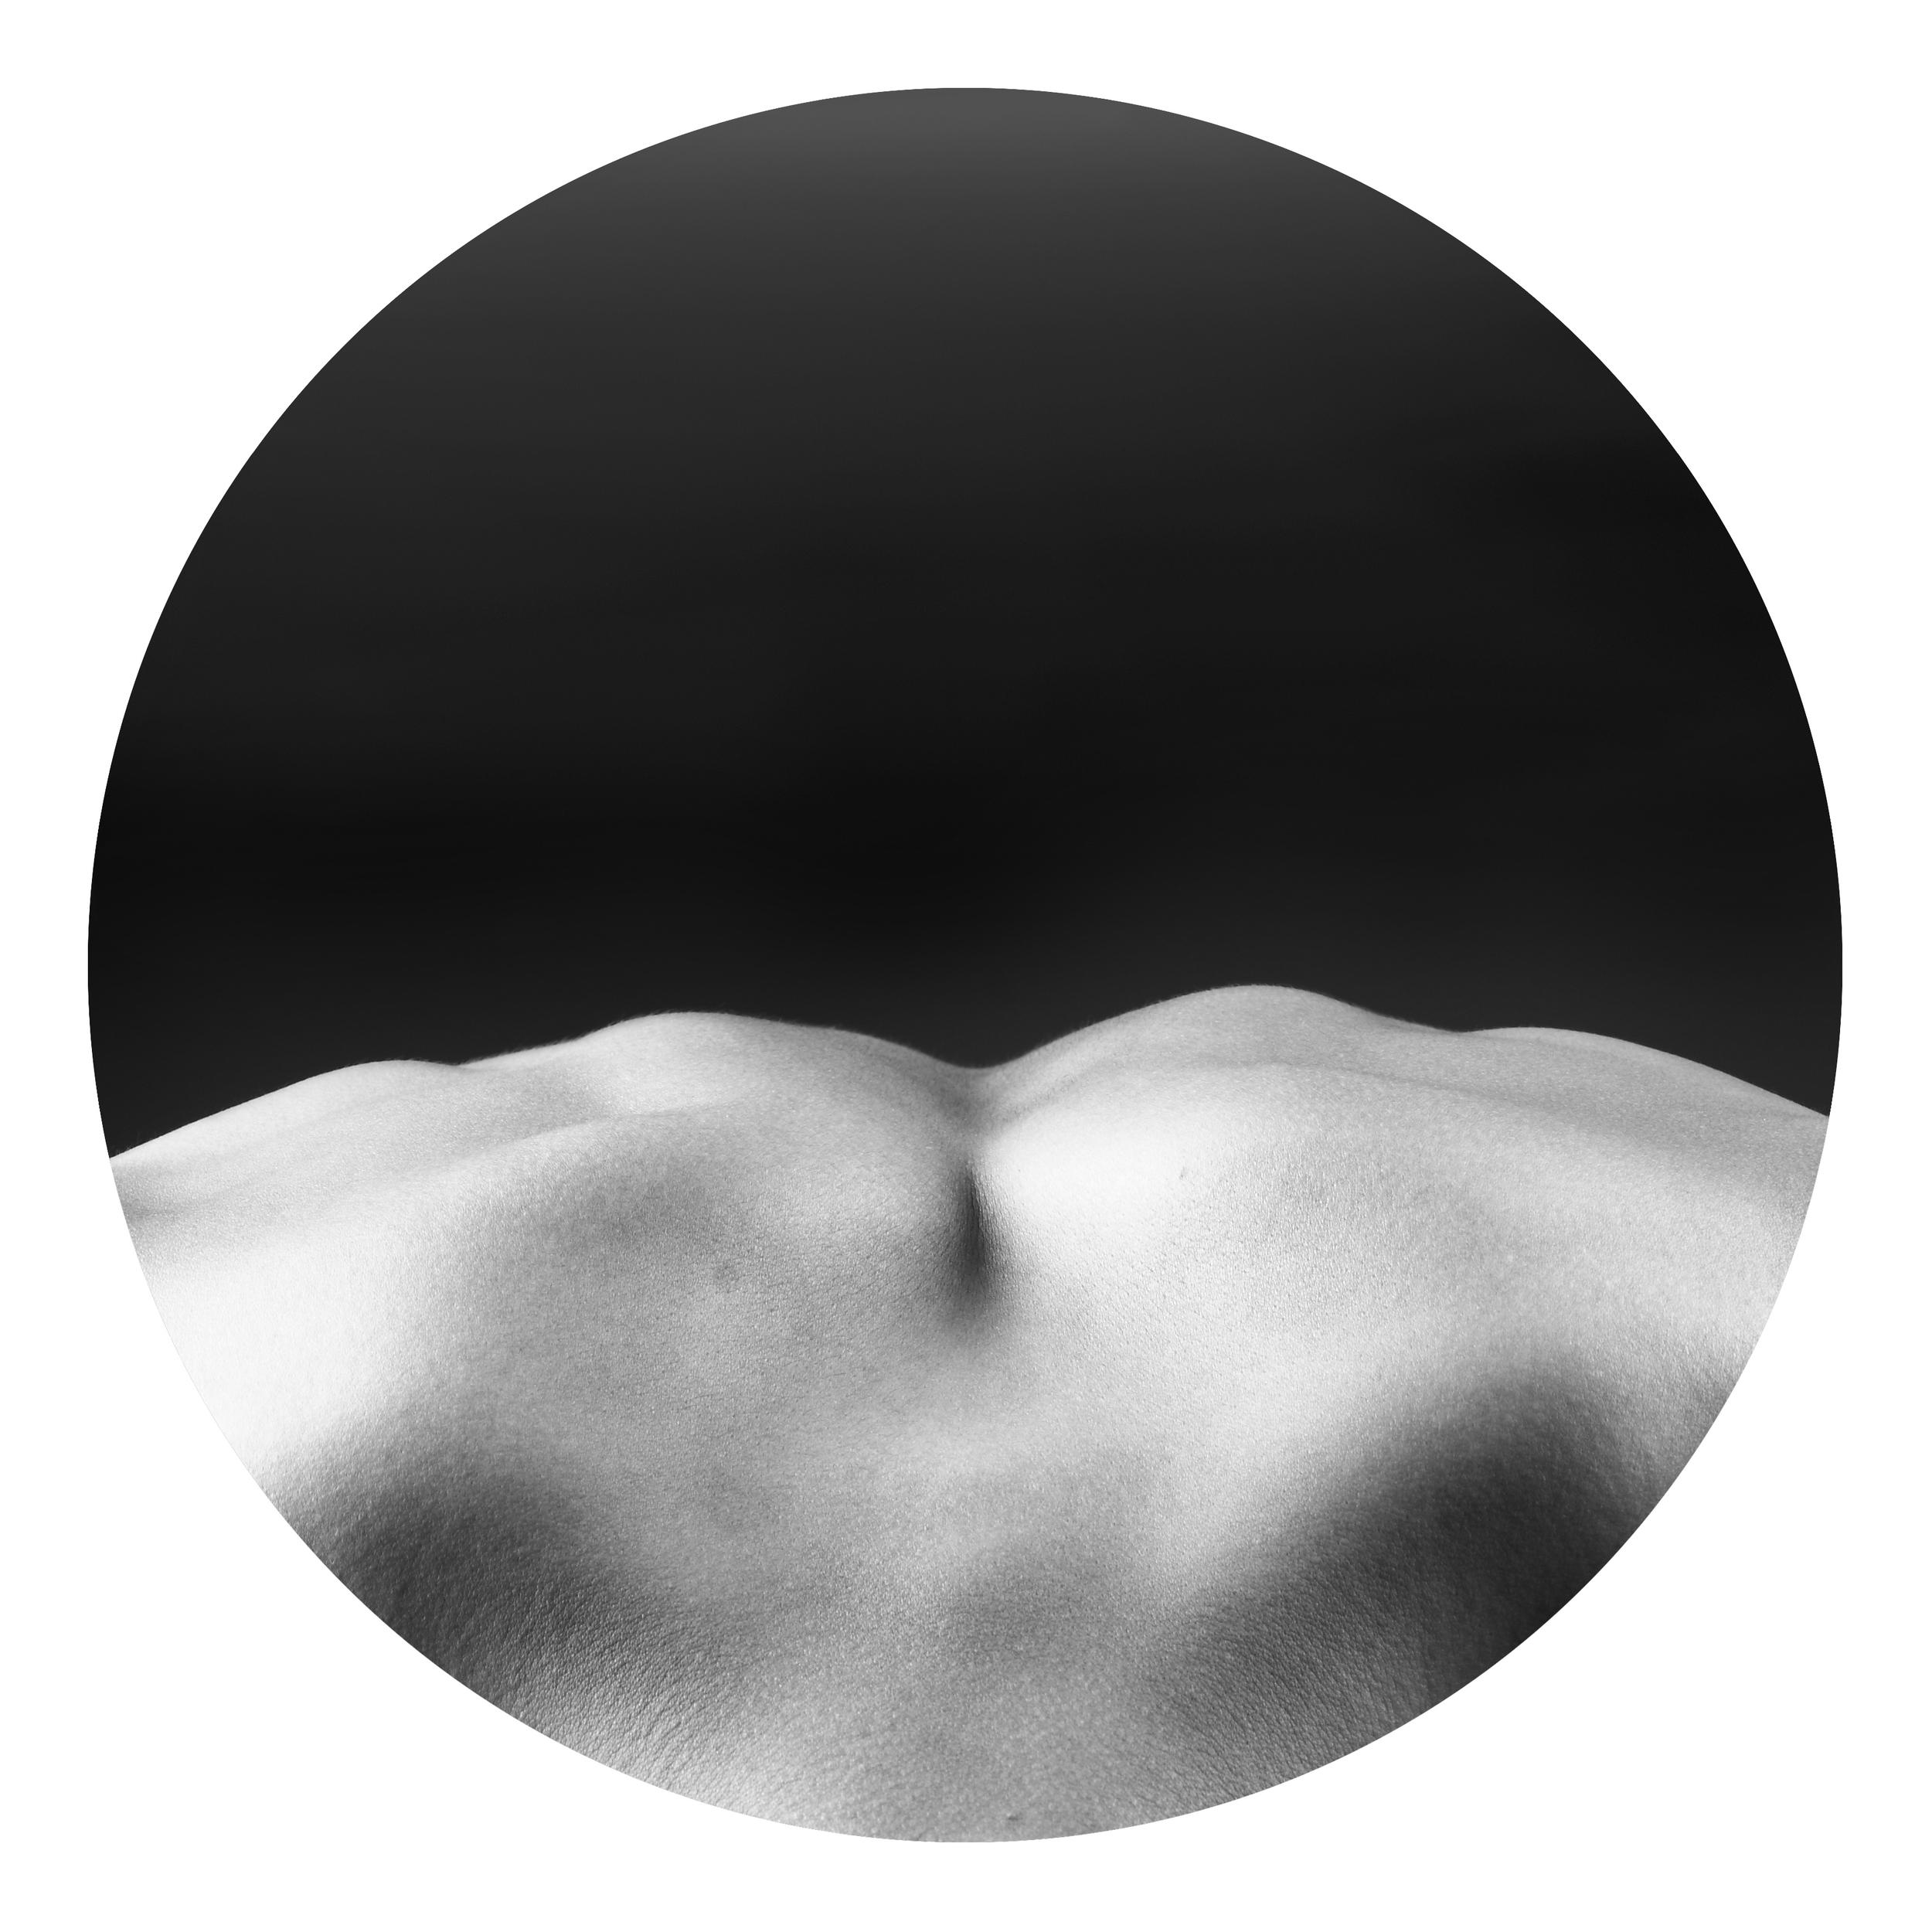 Shadows of Ink-Yongxi Wang 03.jpg